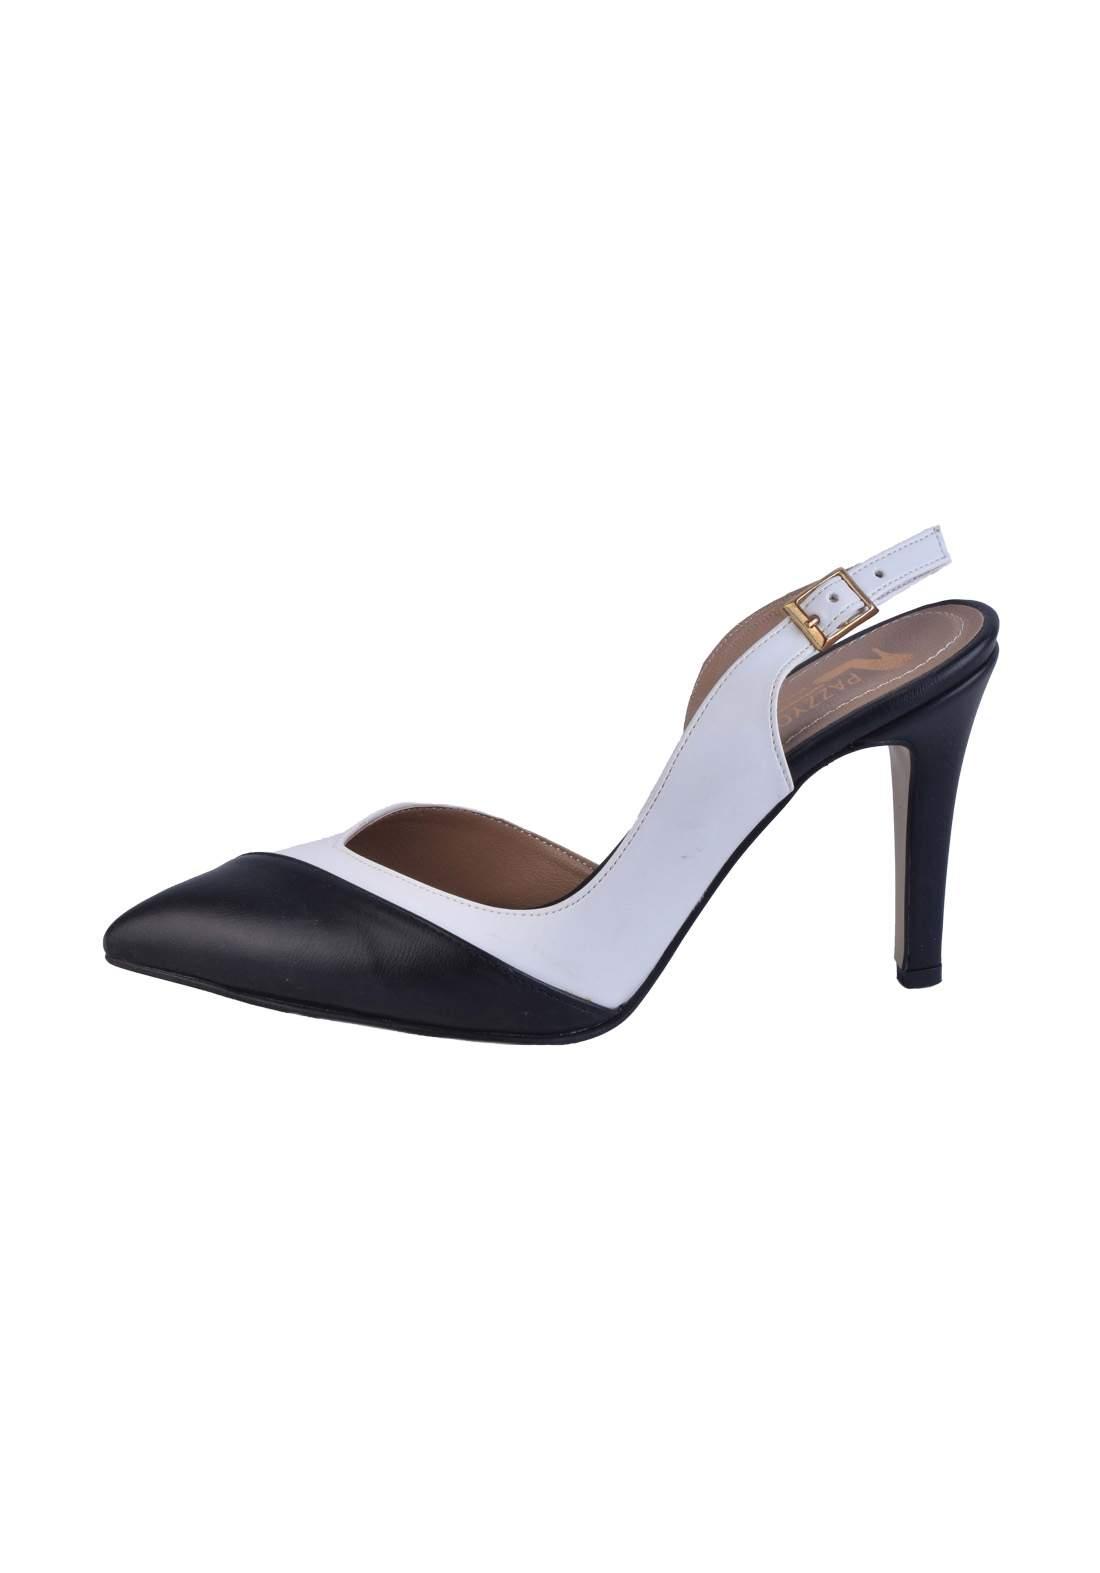 حذاء كعب نسائي باللون الاسود والابيض